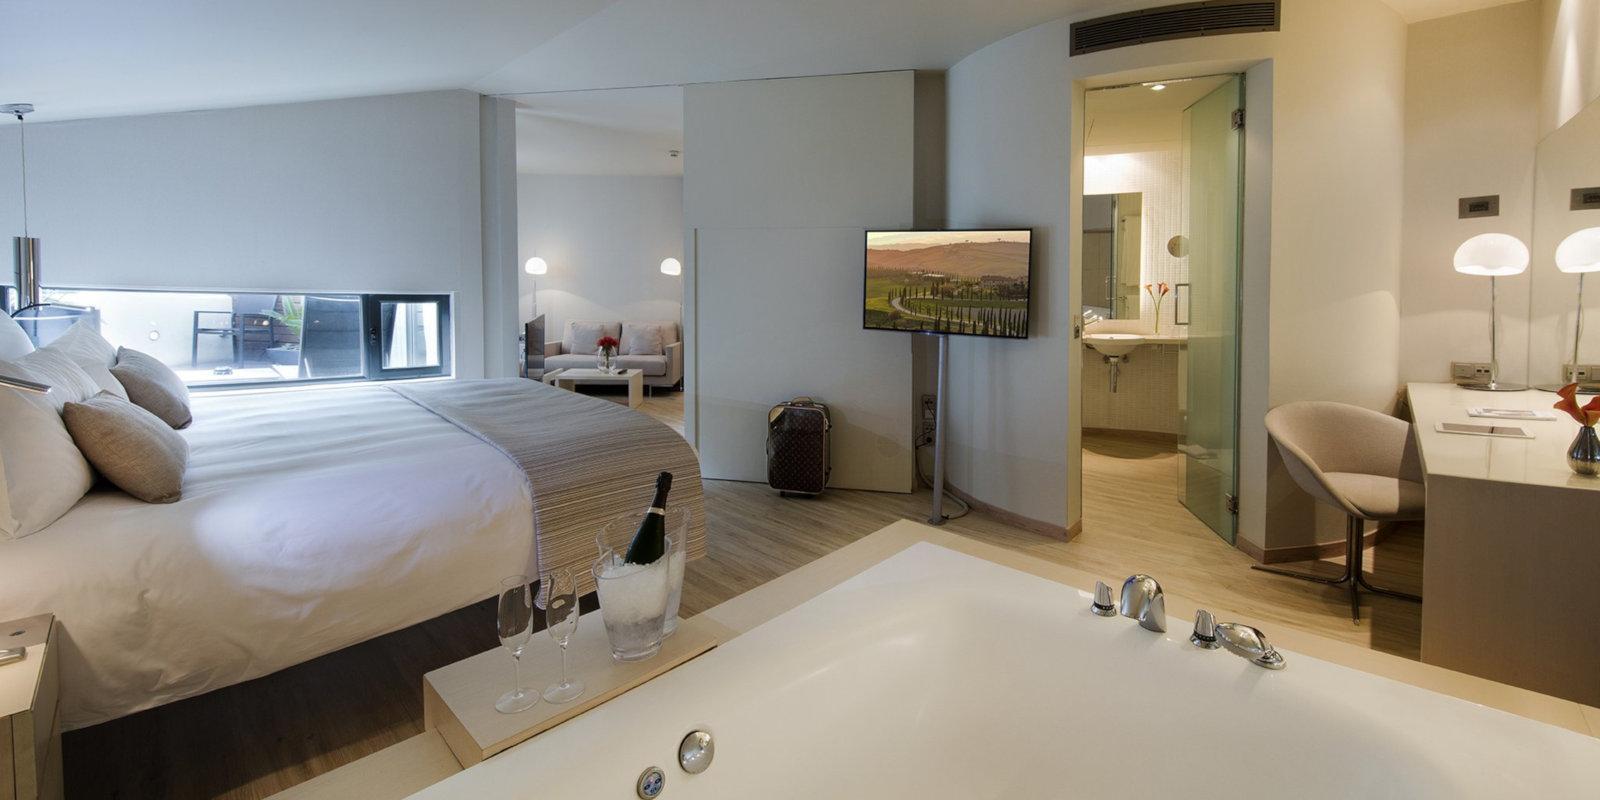 Séjournez dans une suite spacieuse avec un grand jacuzzi au C Hotel gay de Barcelone.